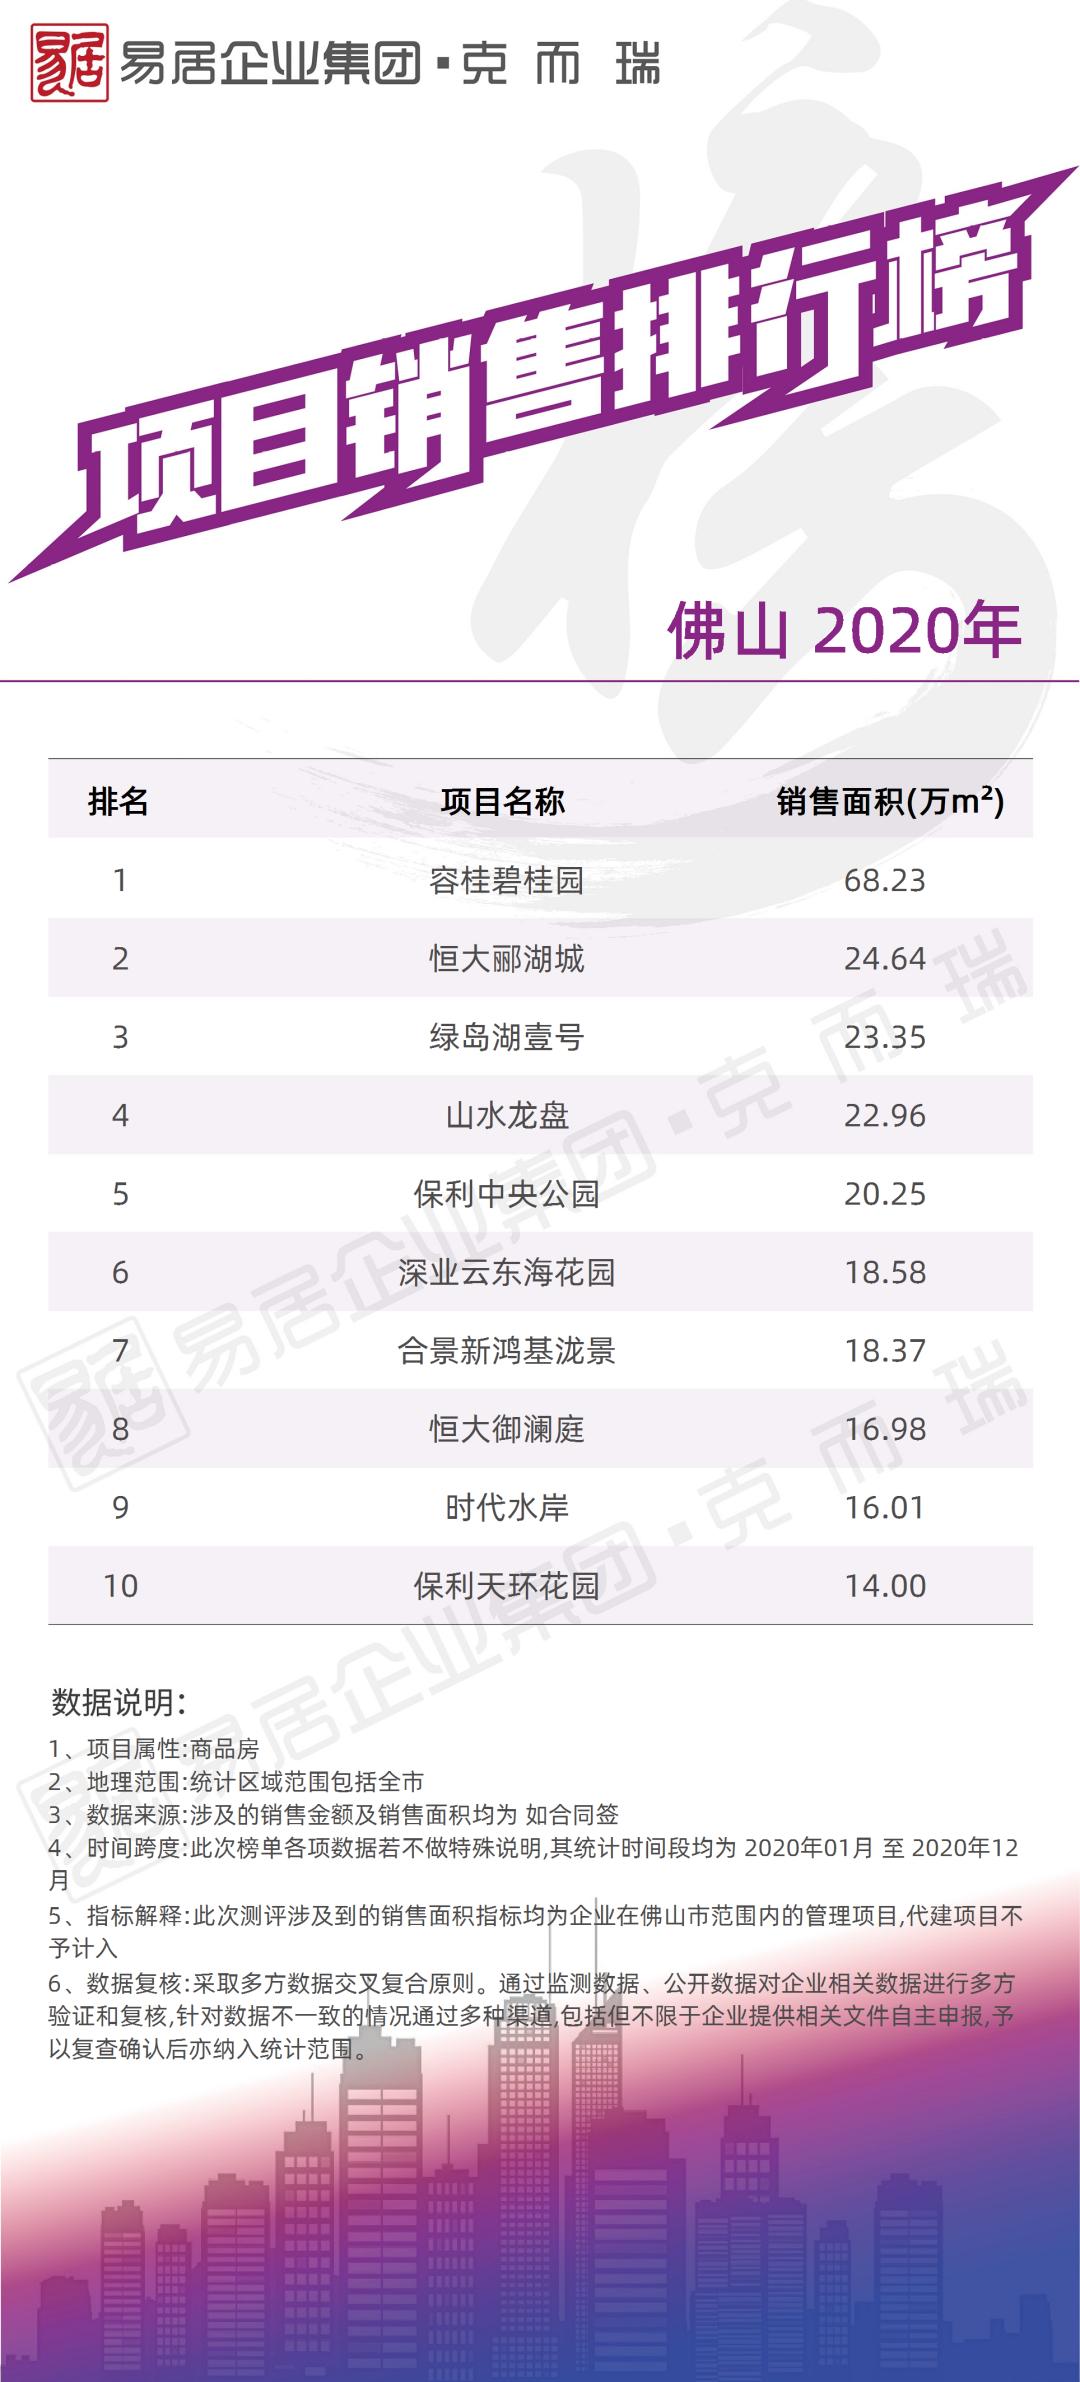 《2020年度各城市房企销售榜四(南宁、佛山、东莞、惠州、中山、肇庆、清远、韶关、茂名、云浮)》